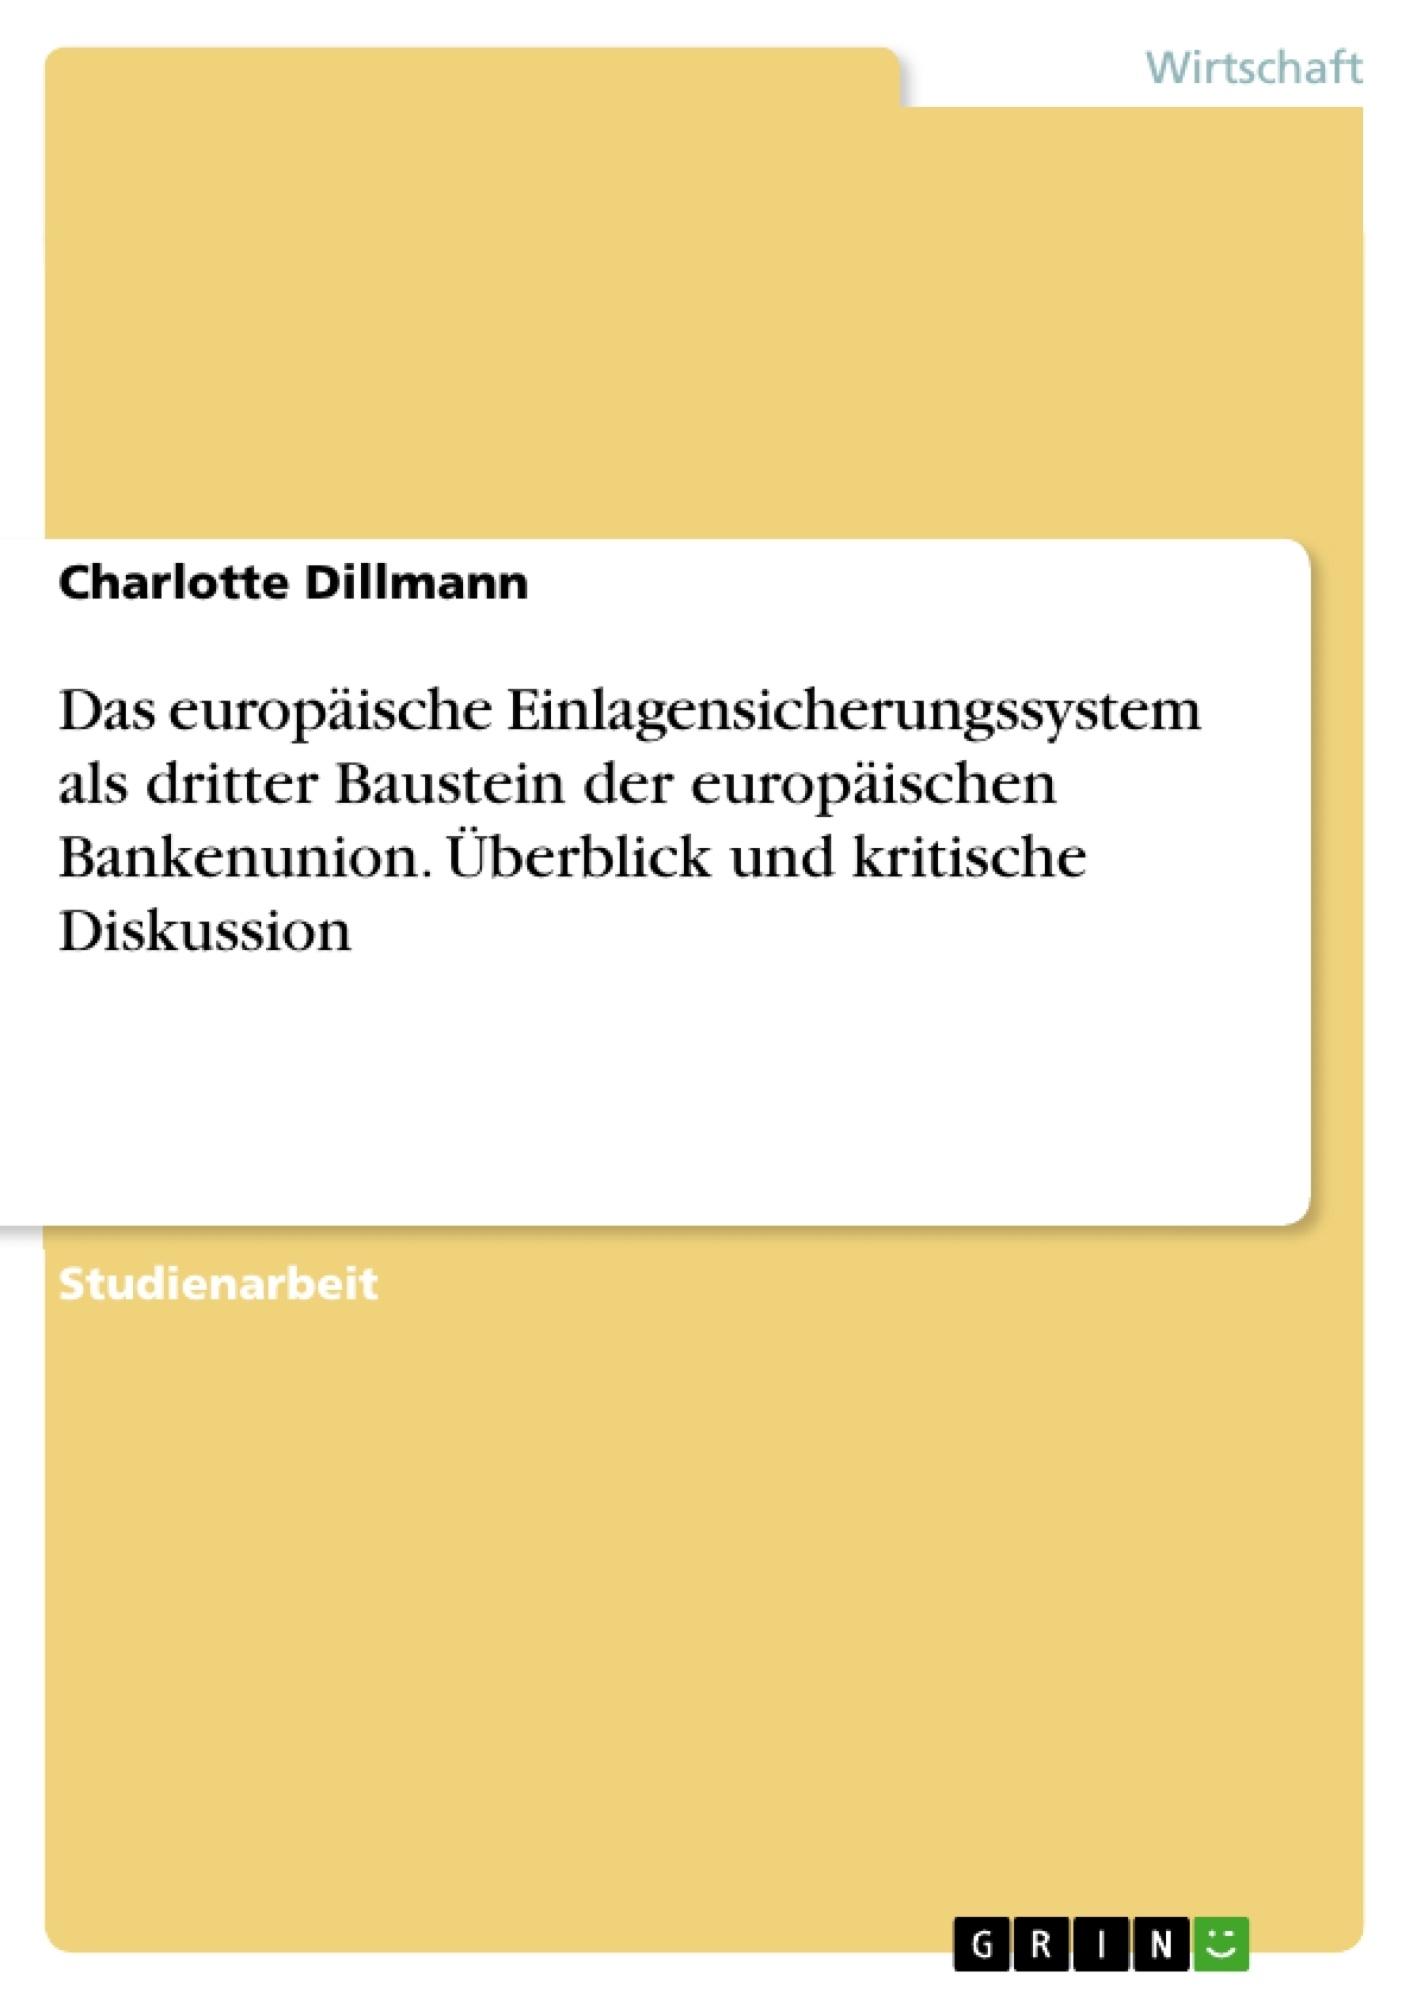 Titel: Das europäische Einlagensicherungssystem als dritter Baustein der europäischen Bankenunion.  Überblick und kritische Diskussion